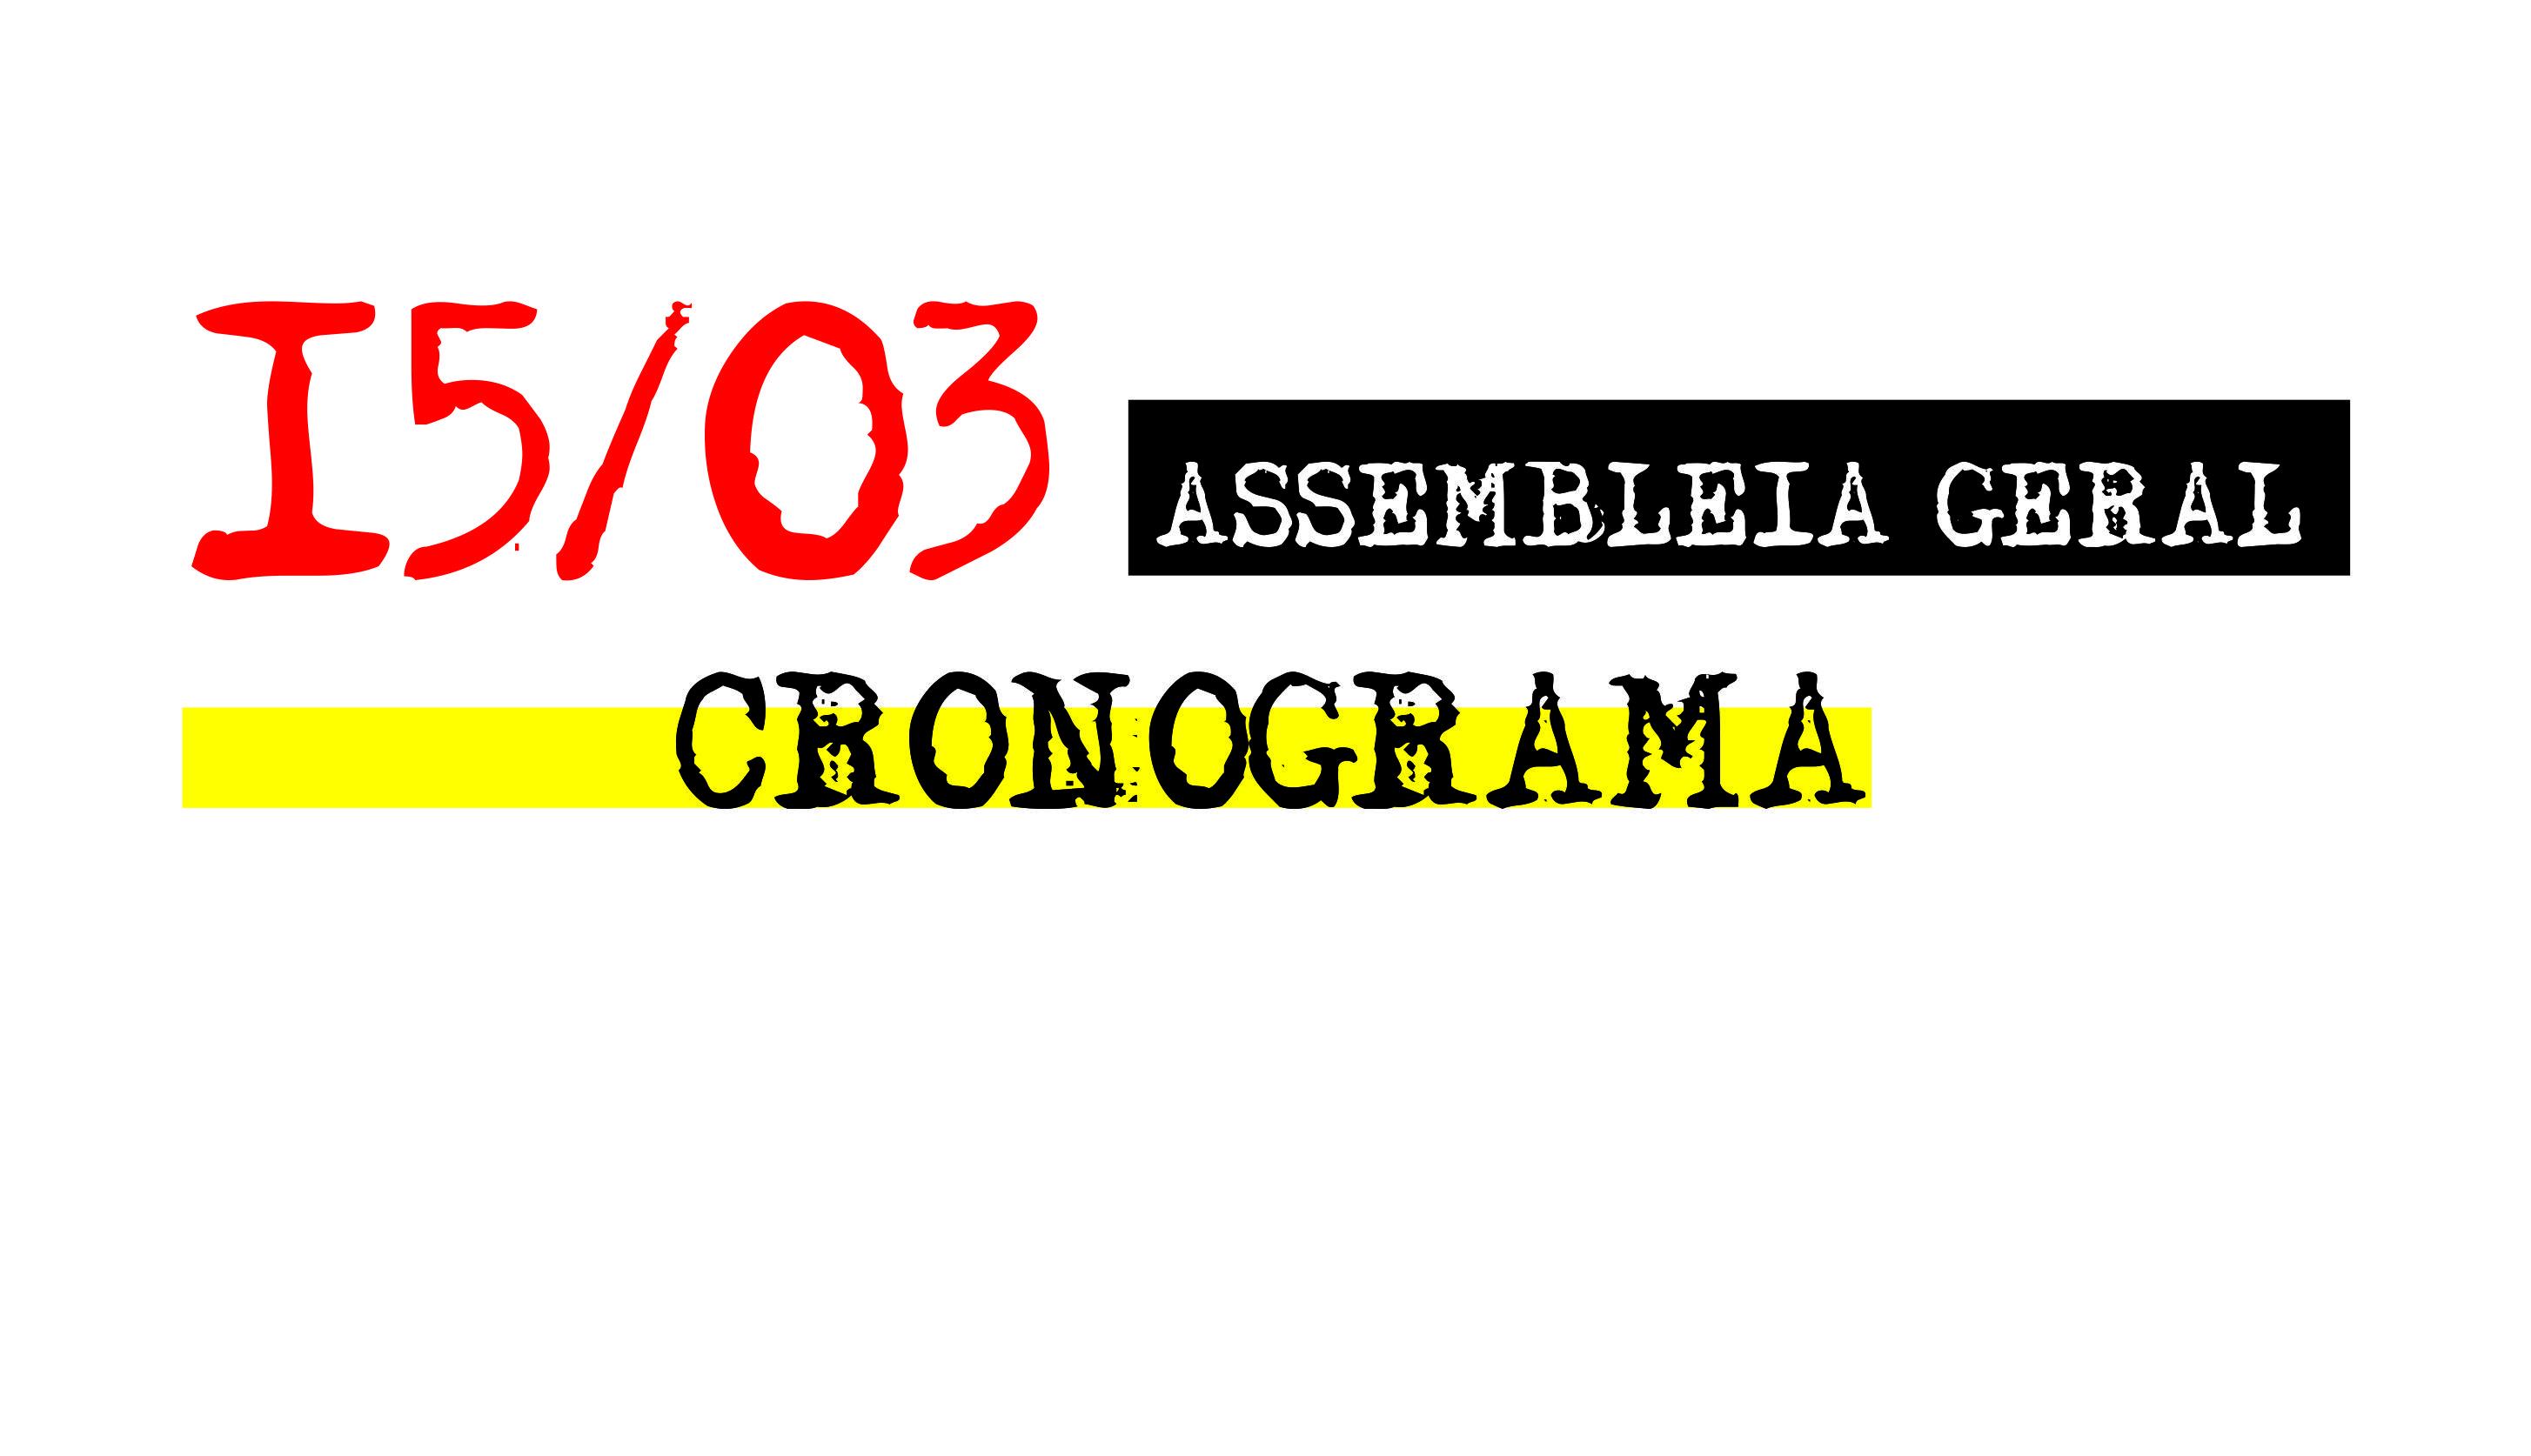 Cronograma da Assembleia Geral e Mobilizações 15/03